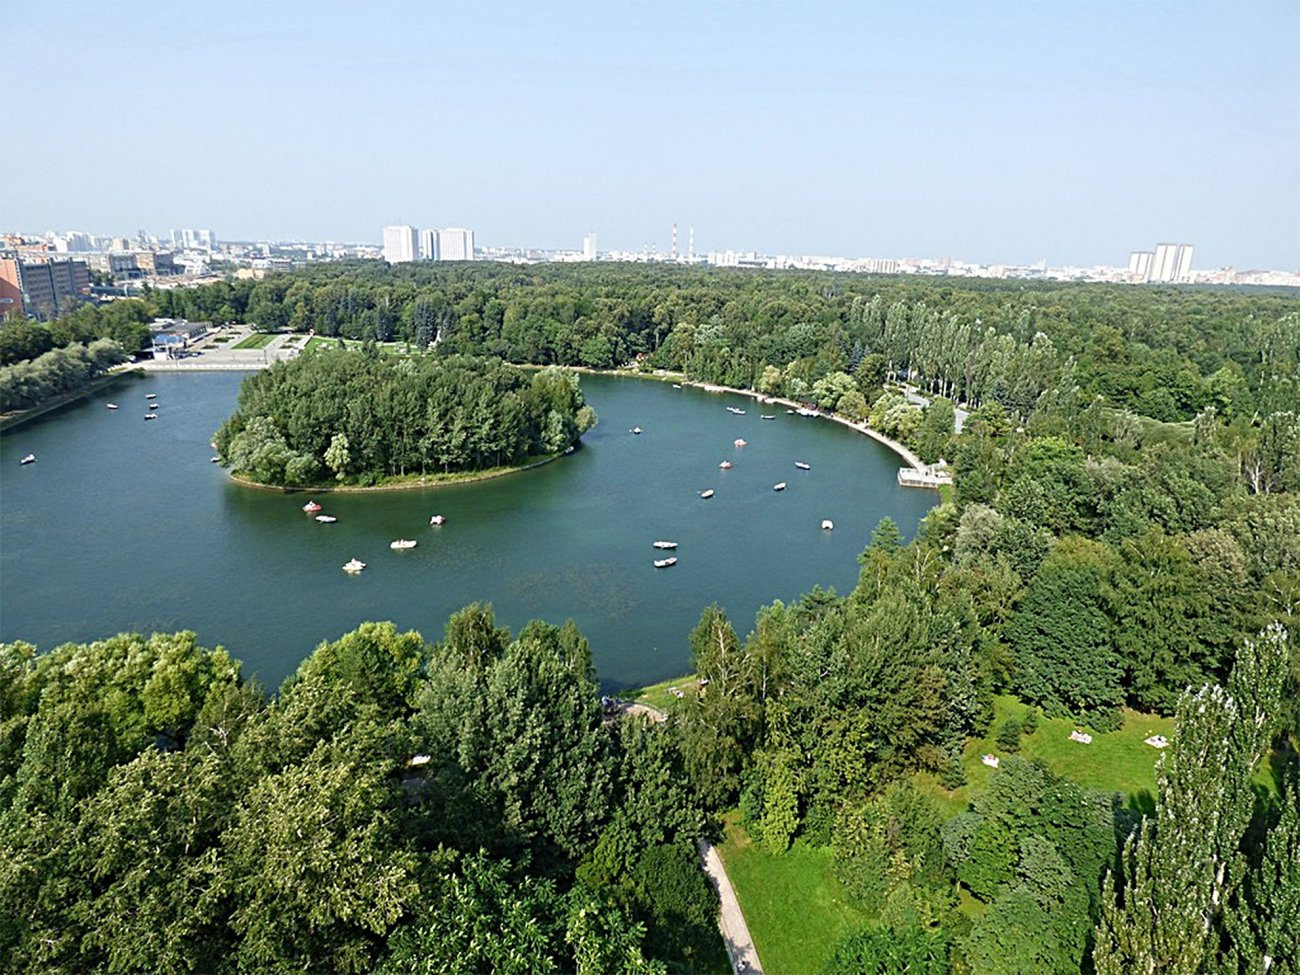 В Москве проведут аукционы на право торговли в Измайловском парке